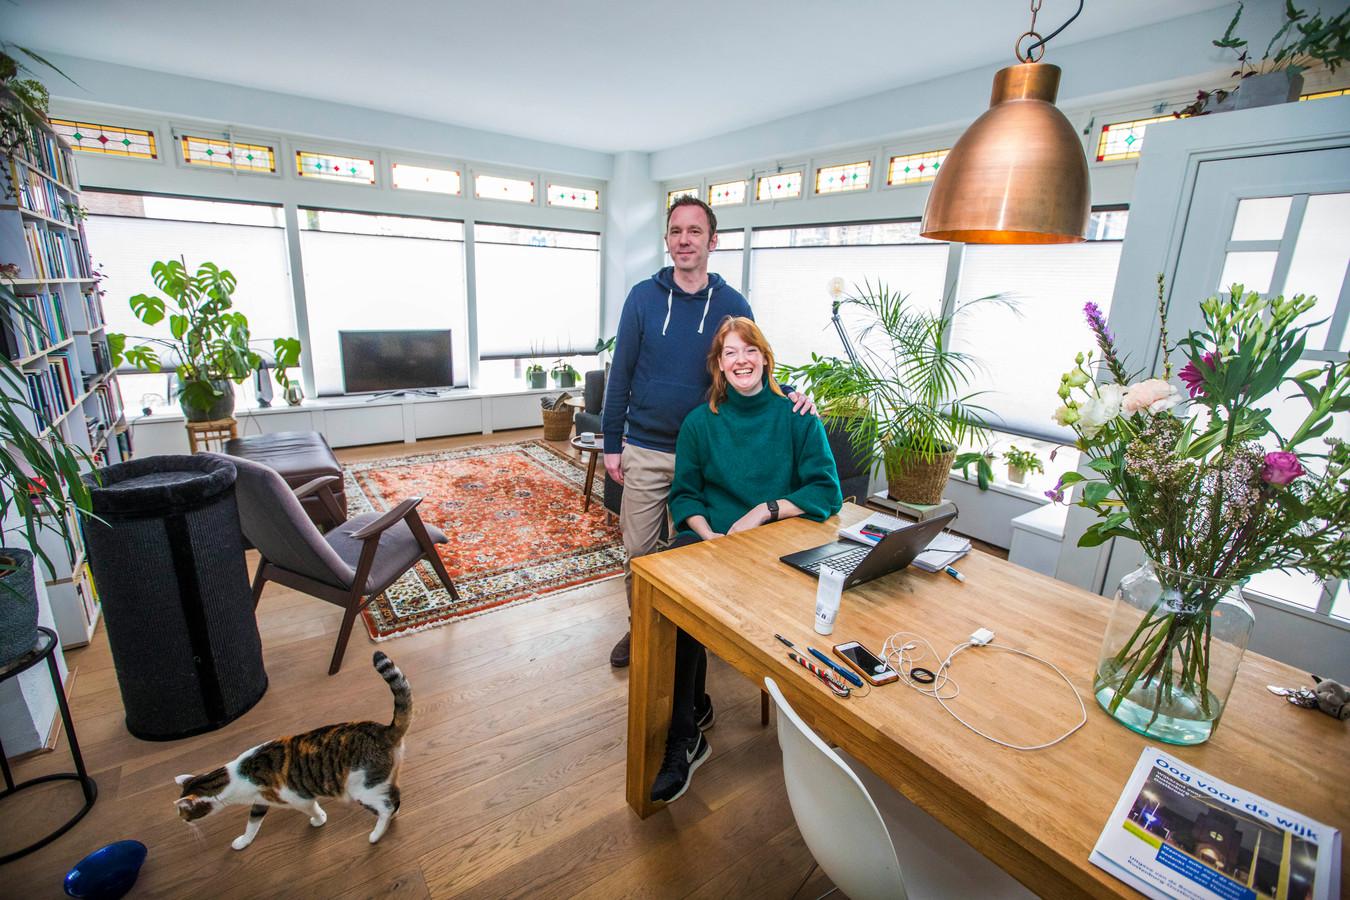 Terry Knight en Dieuwke van Strien in hun huis dat muziekgeschiedenis ademt.